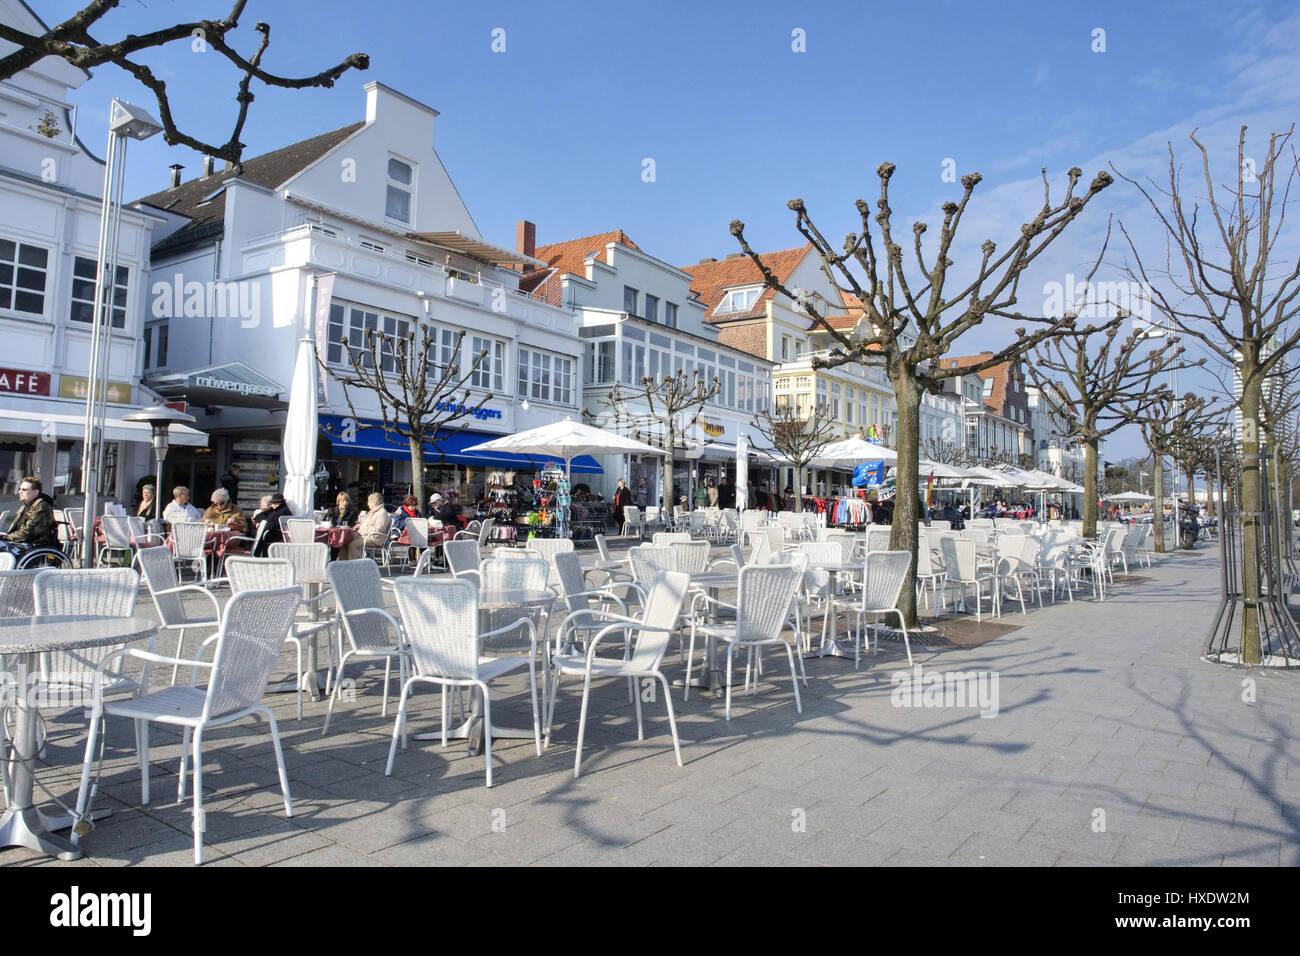 Promenade am Hafen, Flaniermeile bin Hafen Stockbild